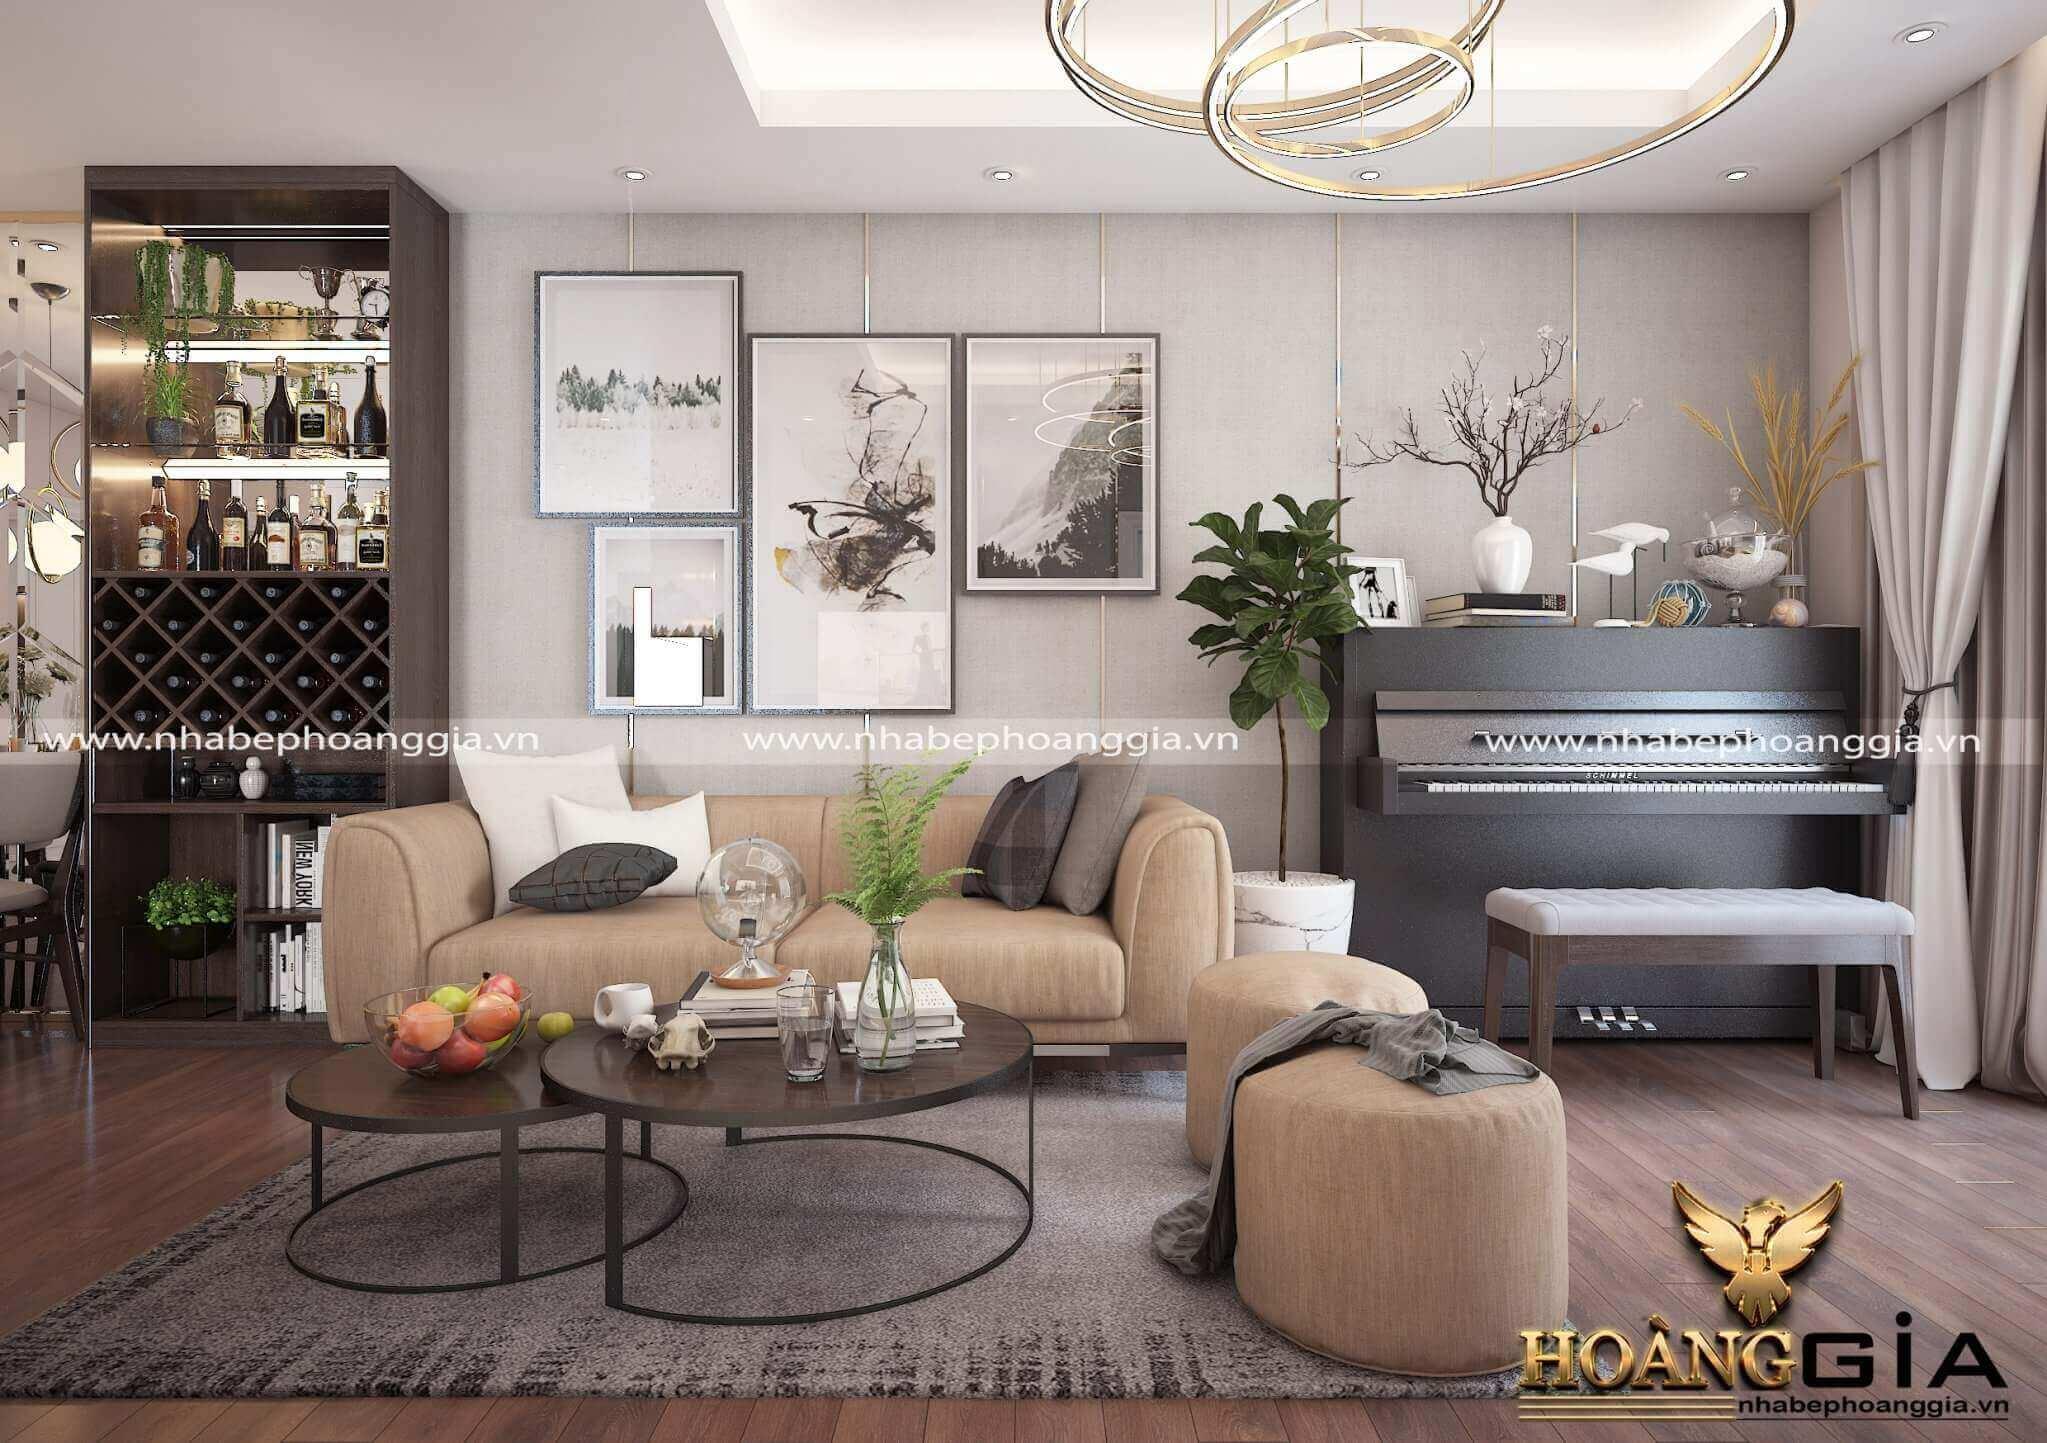 thiết kế thi công nội thất tại Thanh Hóa